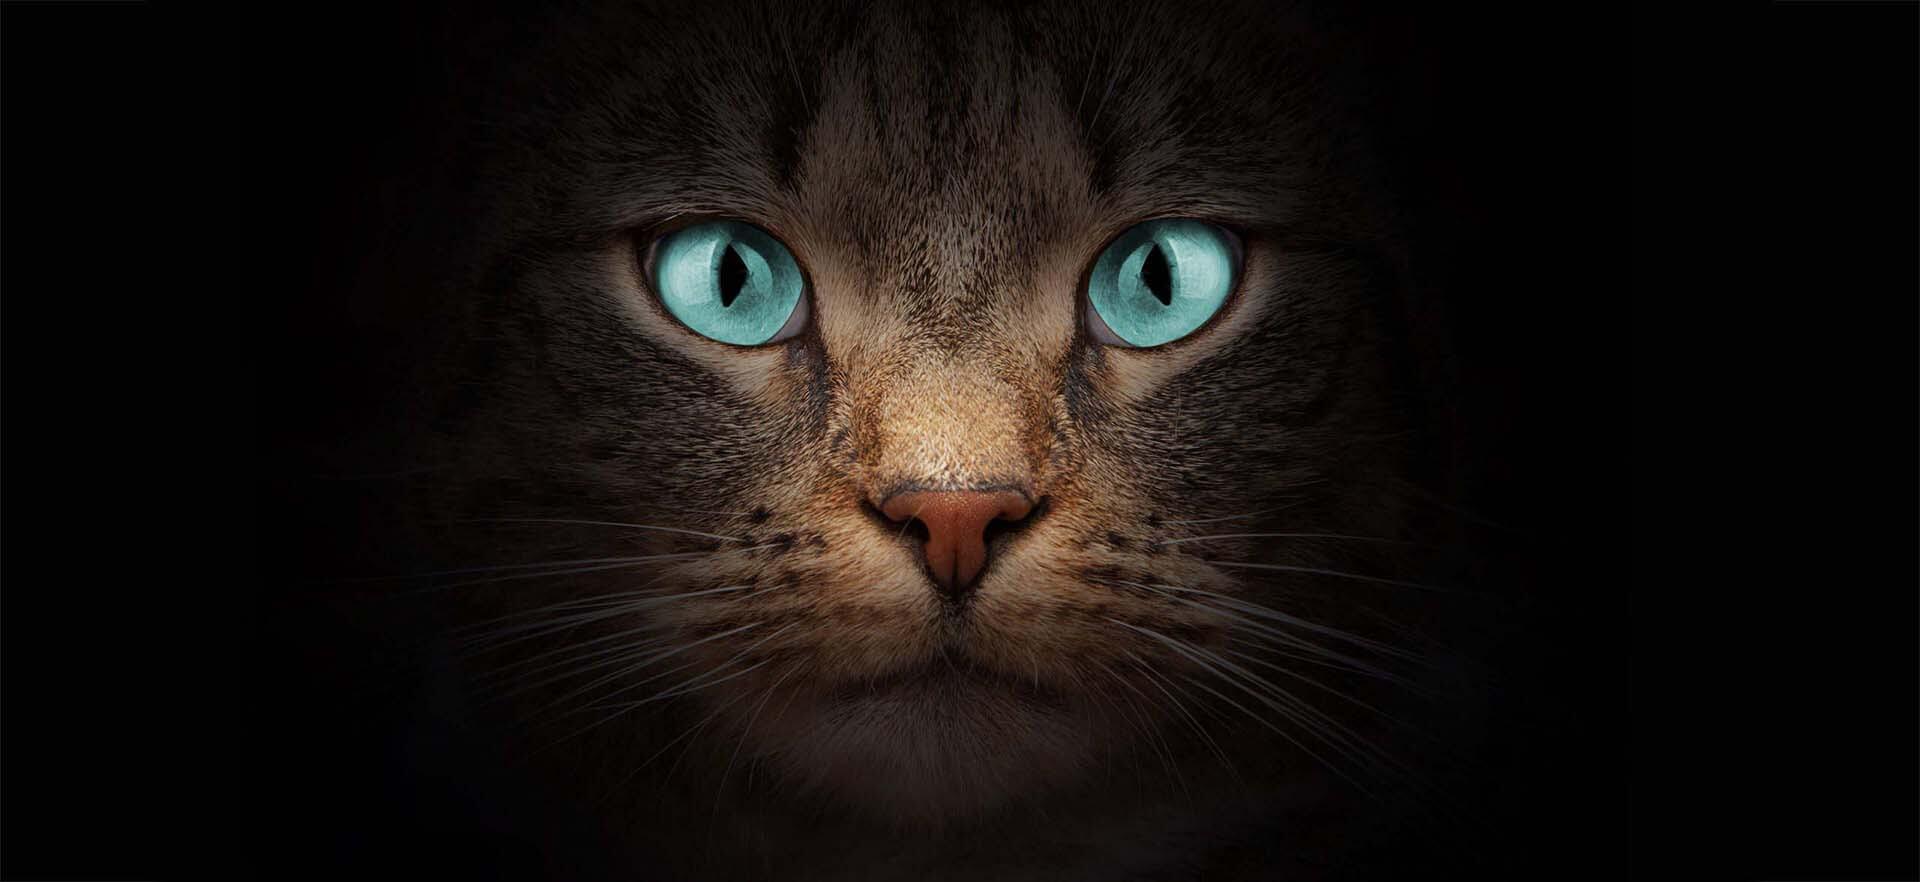 Visage d'un chat aux yeux bleus sur fond noir